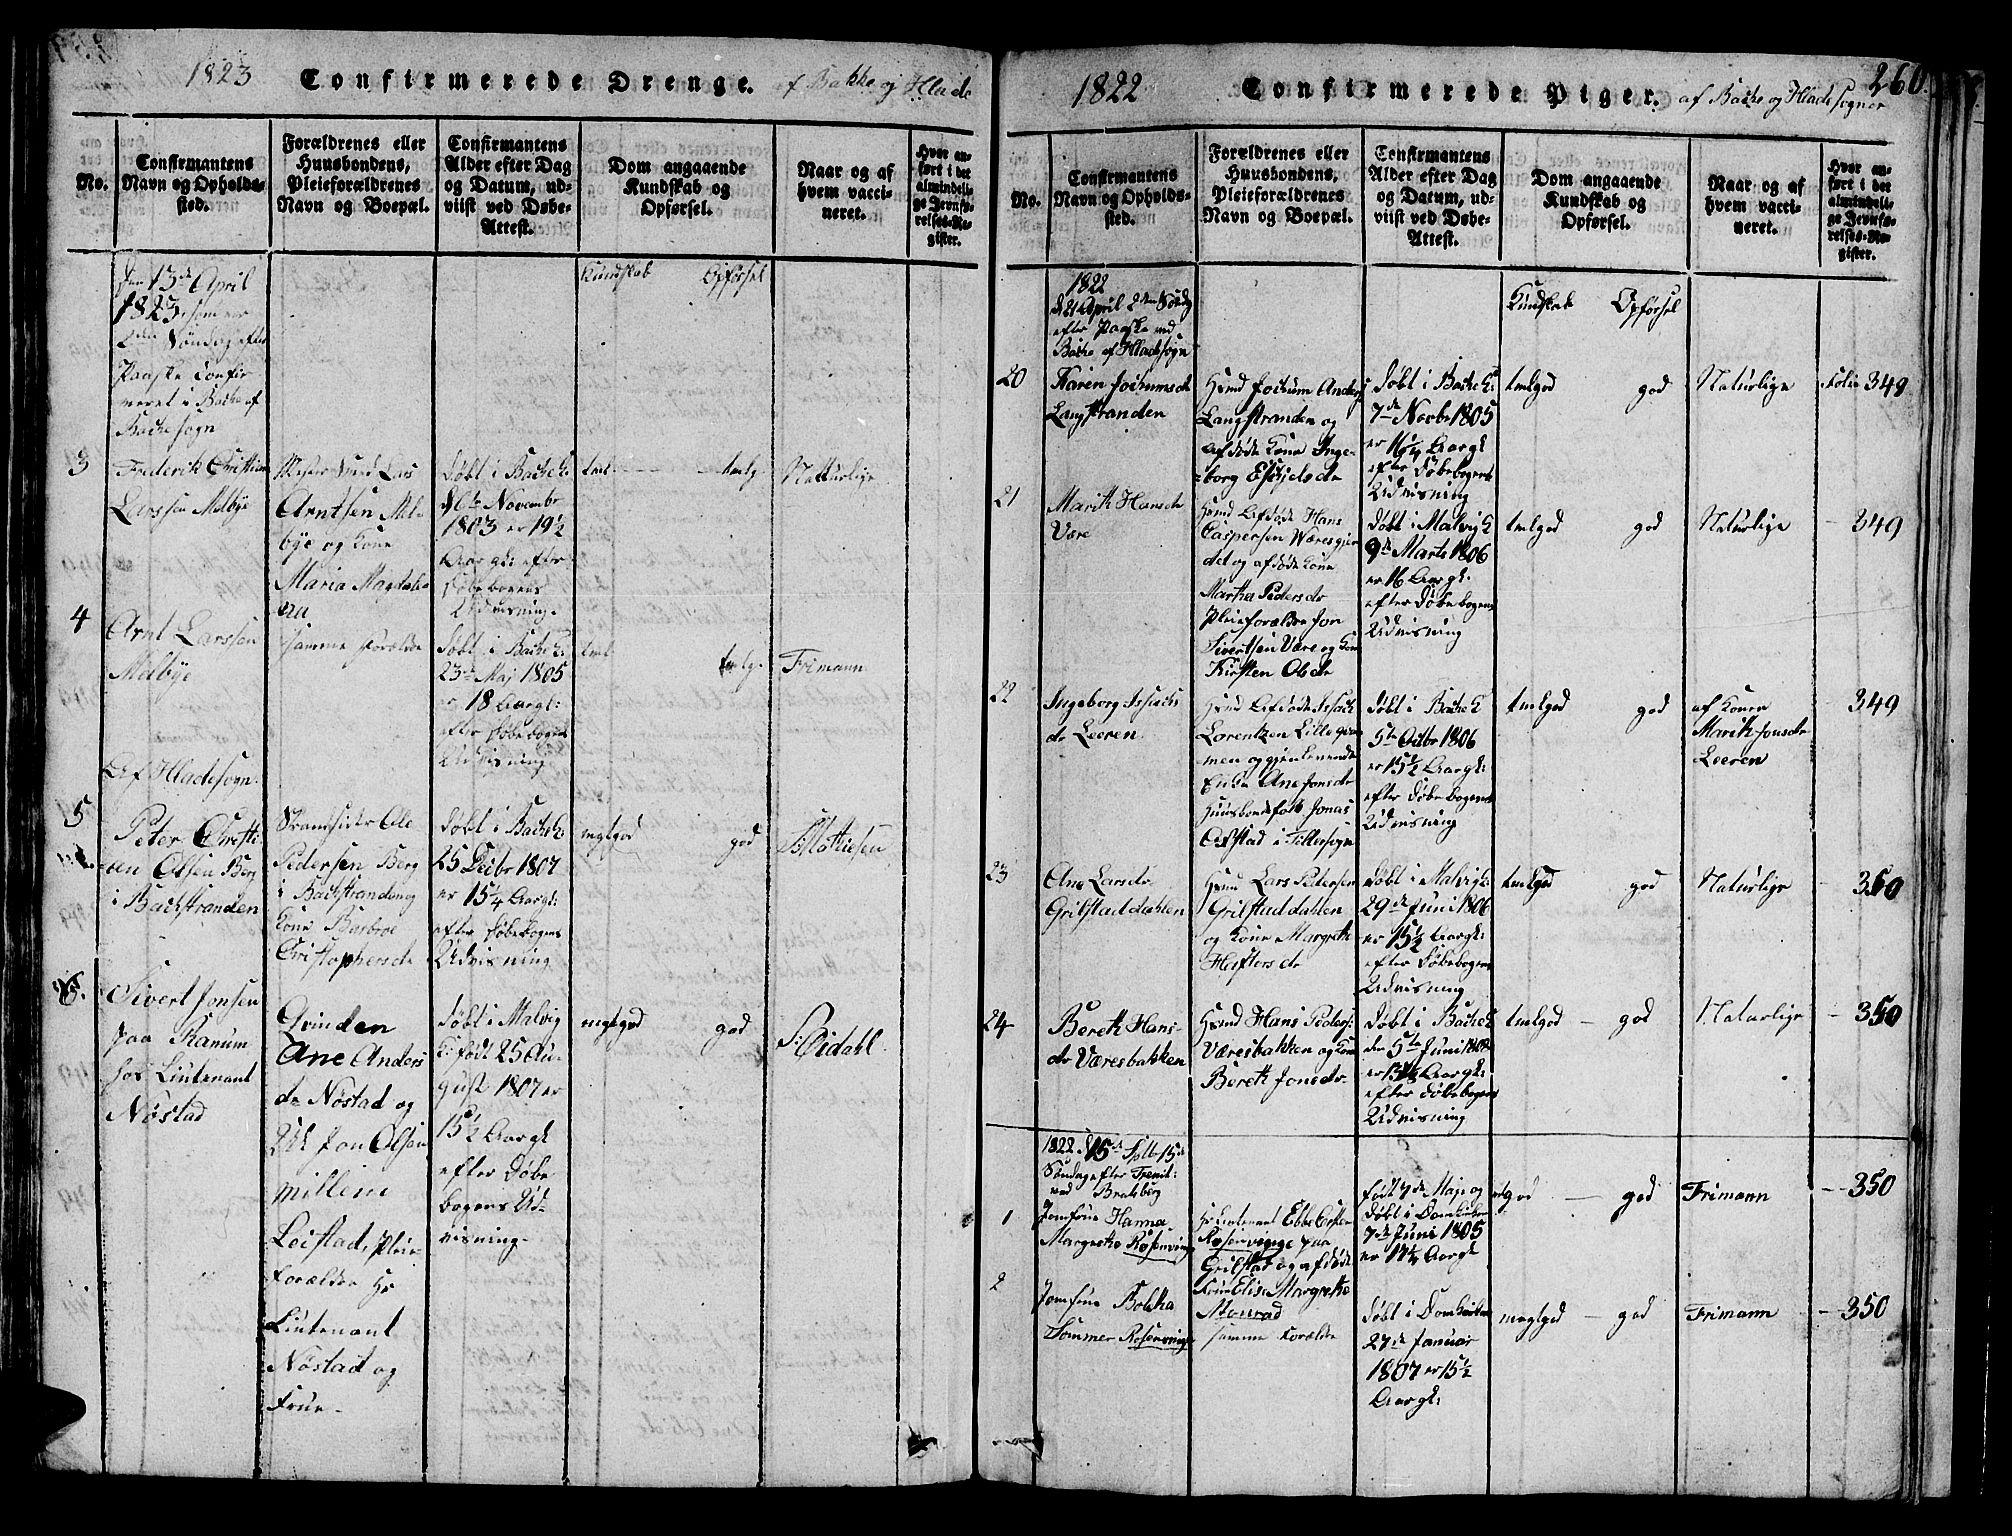 SAT, Ministerialprotokoller, klokkerbøker og fødselsregistre - Sør-Trøndelag, 606/L0307: Klokkerbok nr. 606C03, 1817-1824, s. 260